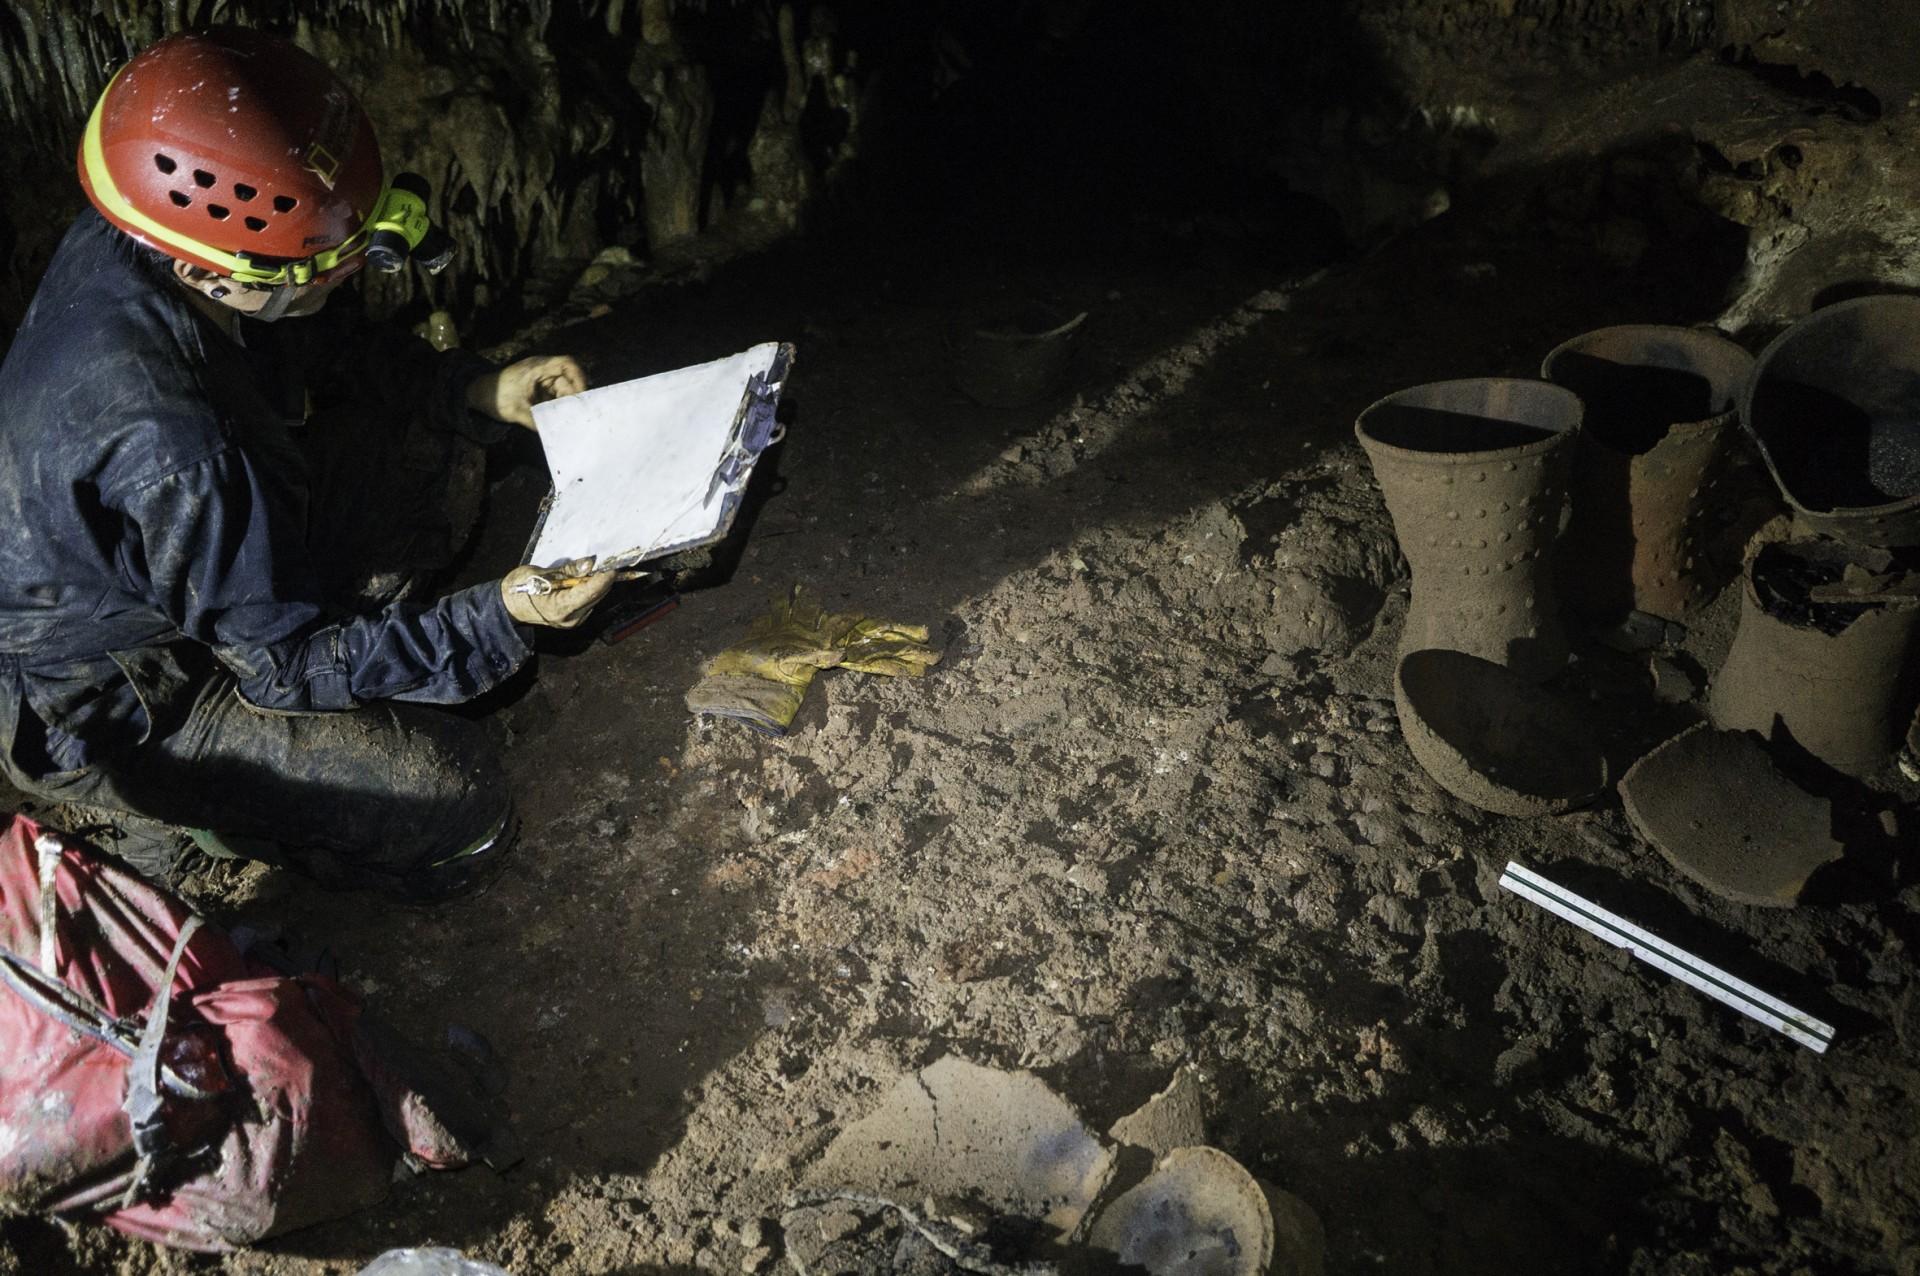 Esta cueva es un santuario subterráneo preservado casi intacto ante el paso del tiempo (Foto: Karla Ortega)